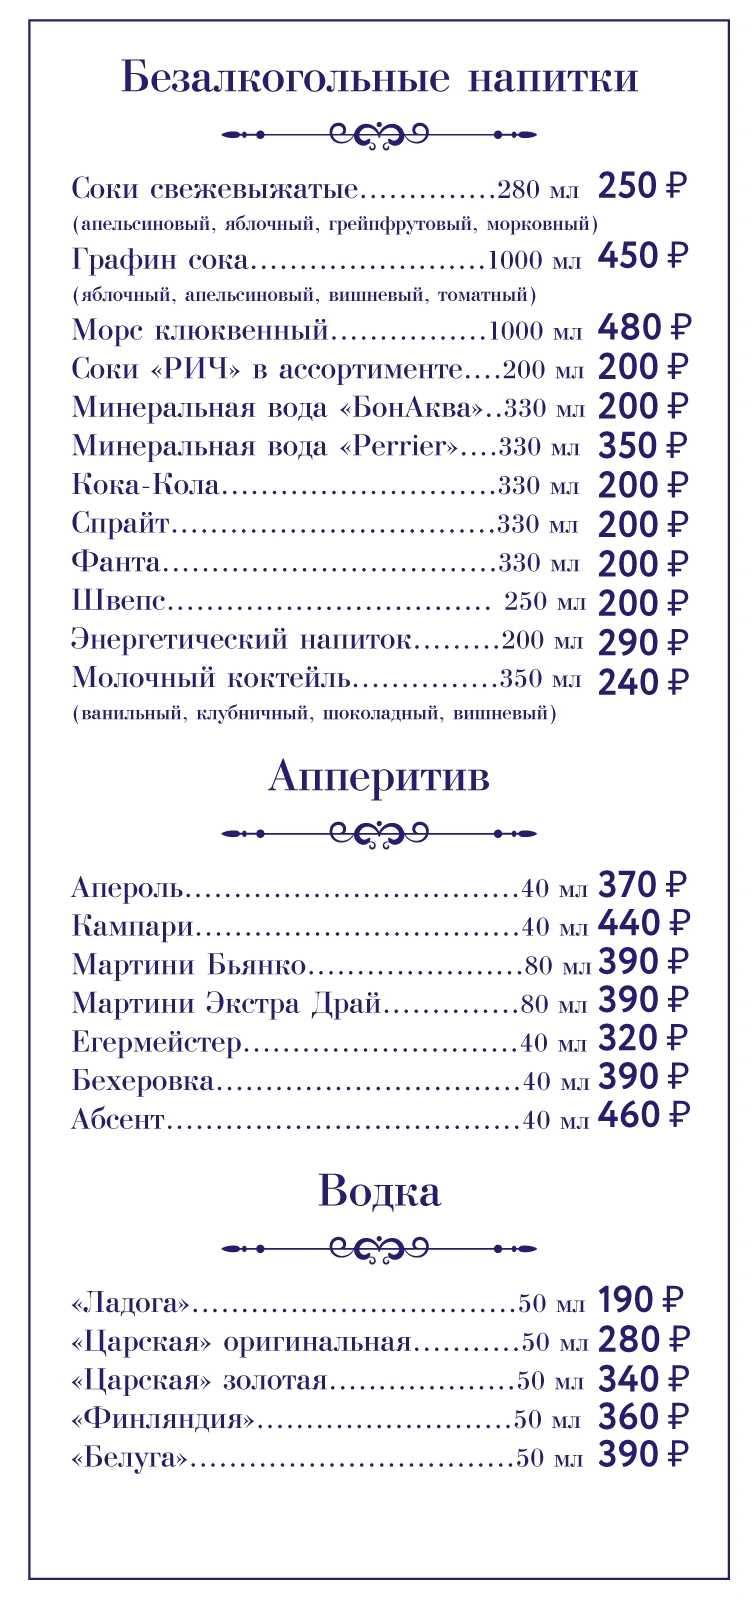 МЕНЮ_BAR-2